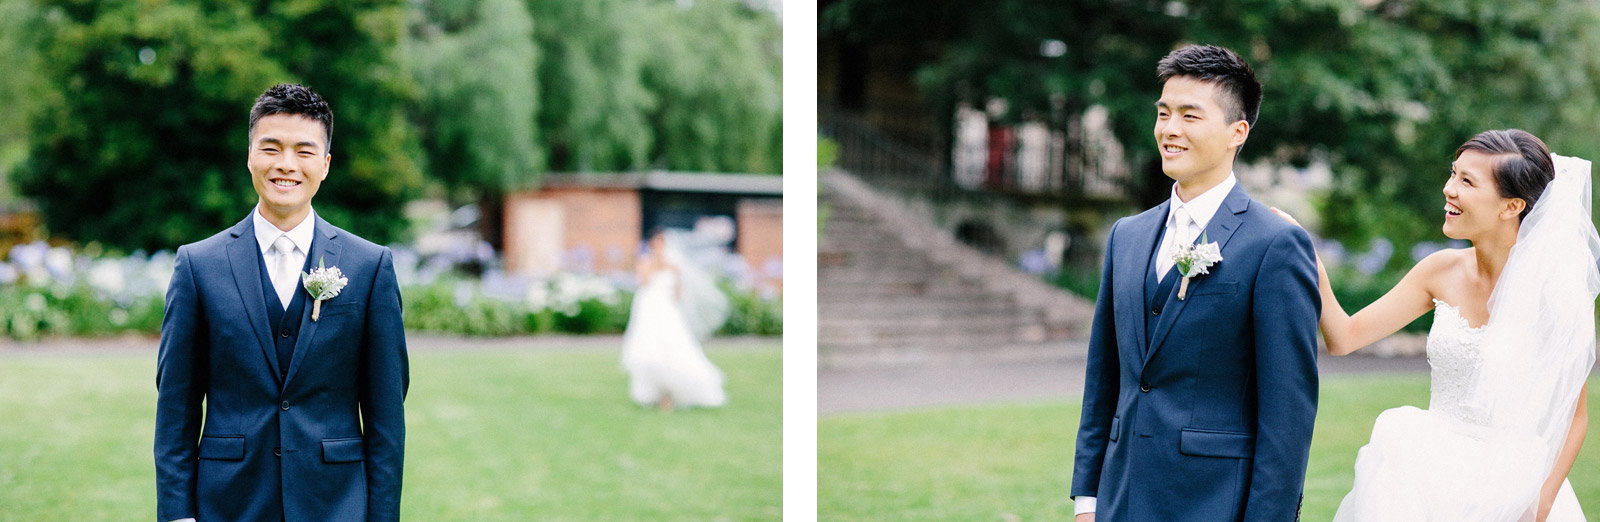 wedding-anne-darren-028